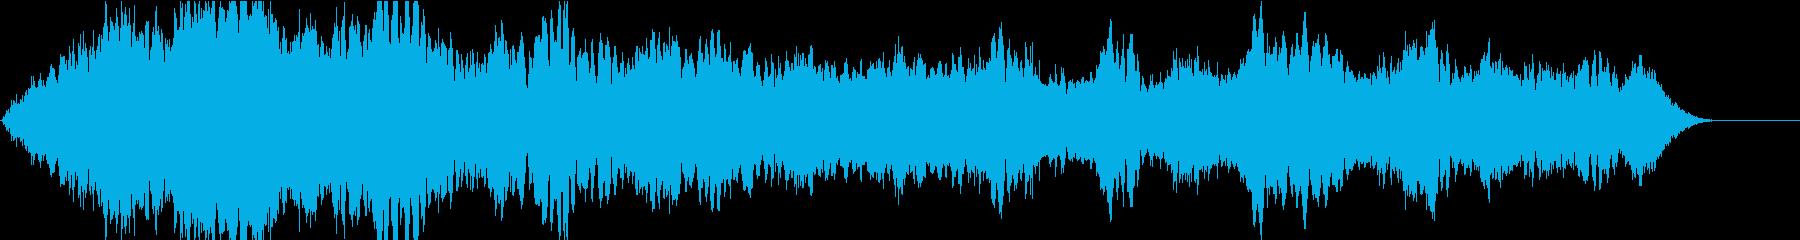 ドローン エジプシャンロー01の再生済みの波形